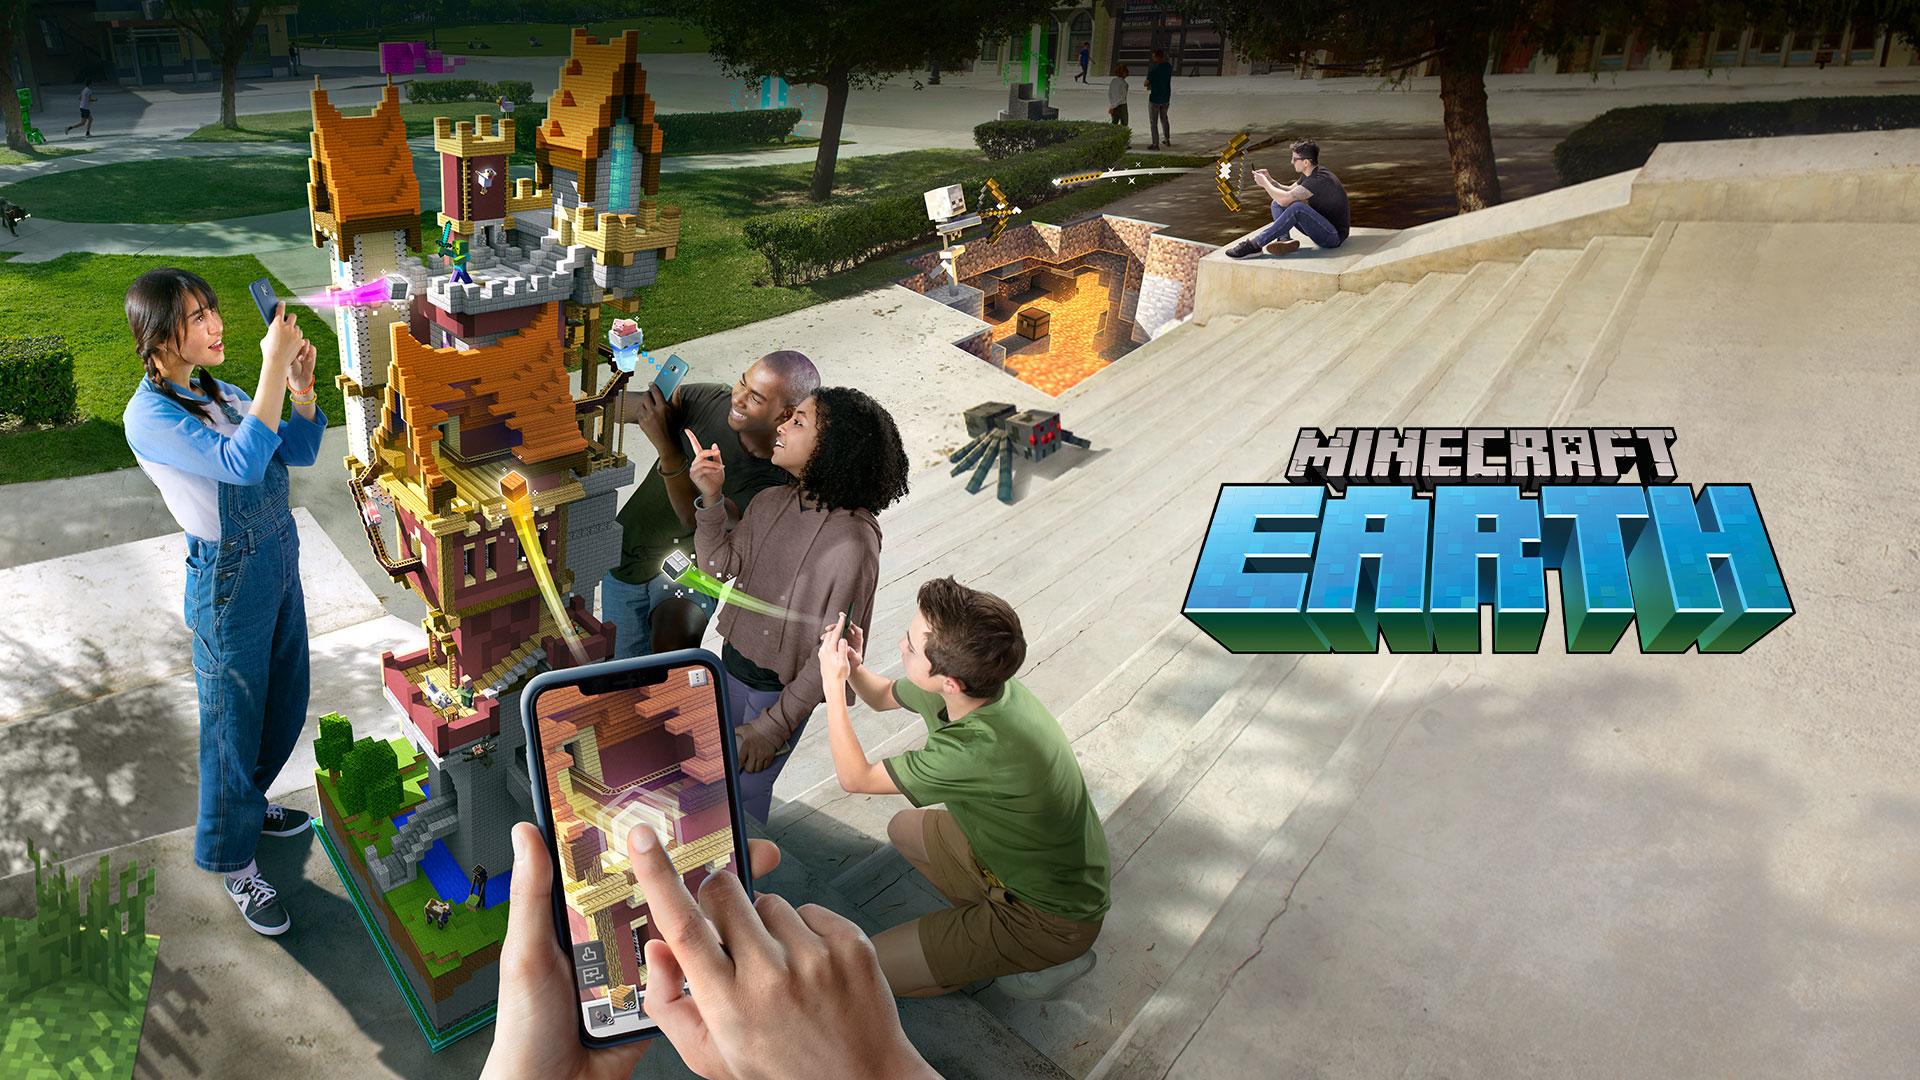 minecraft earth descontinuado